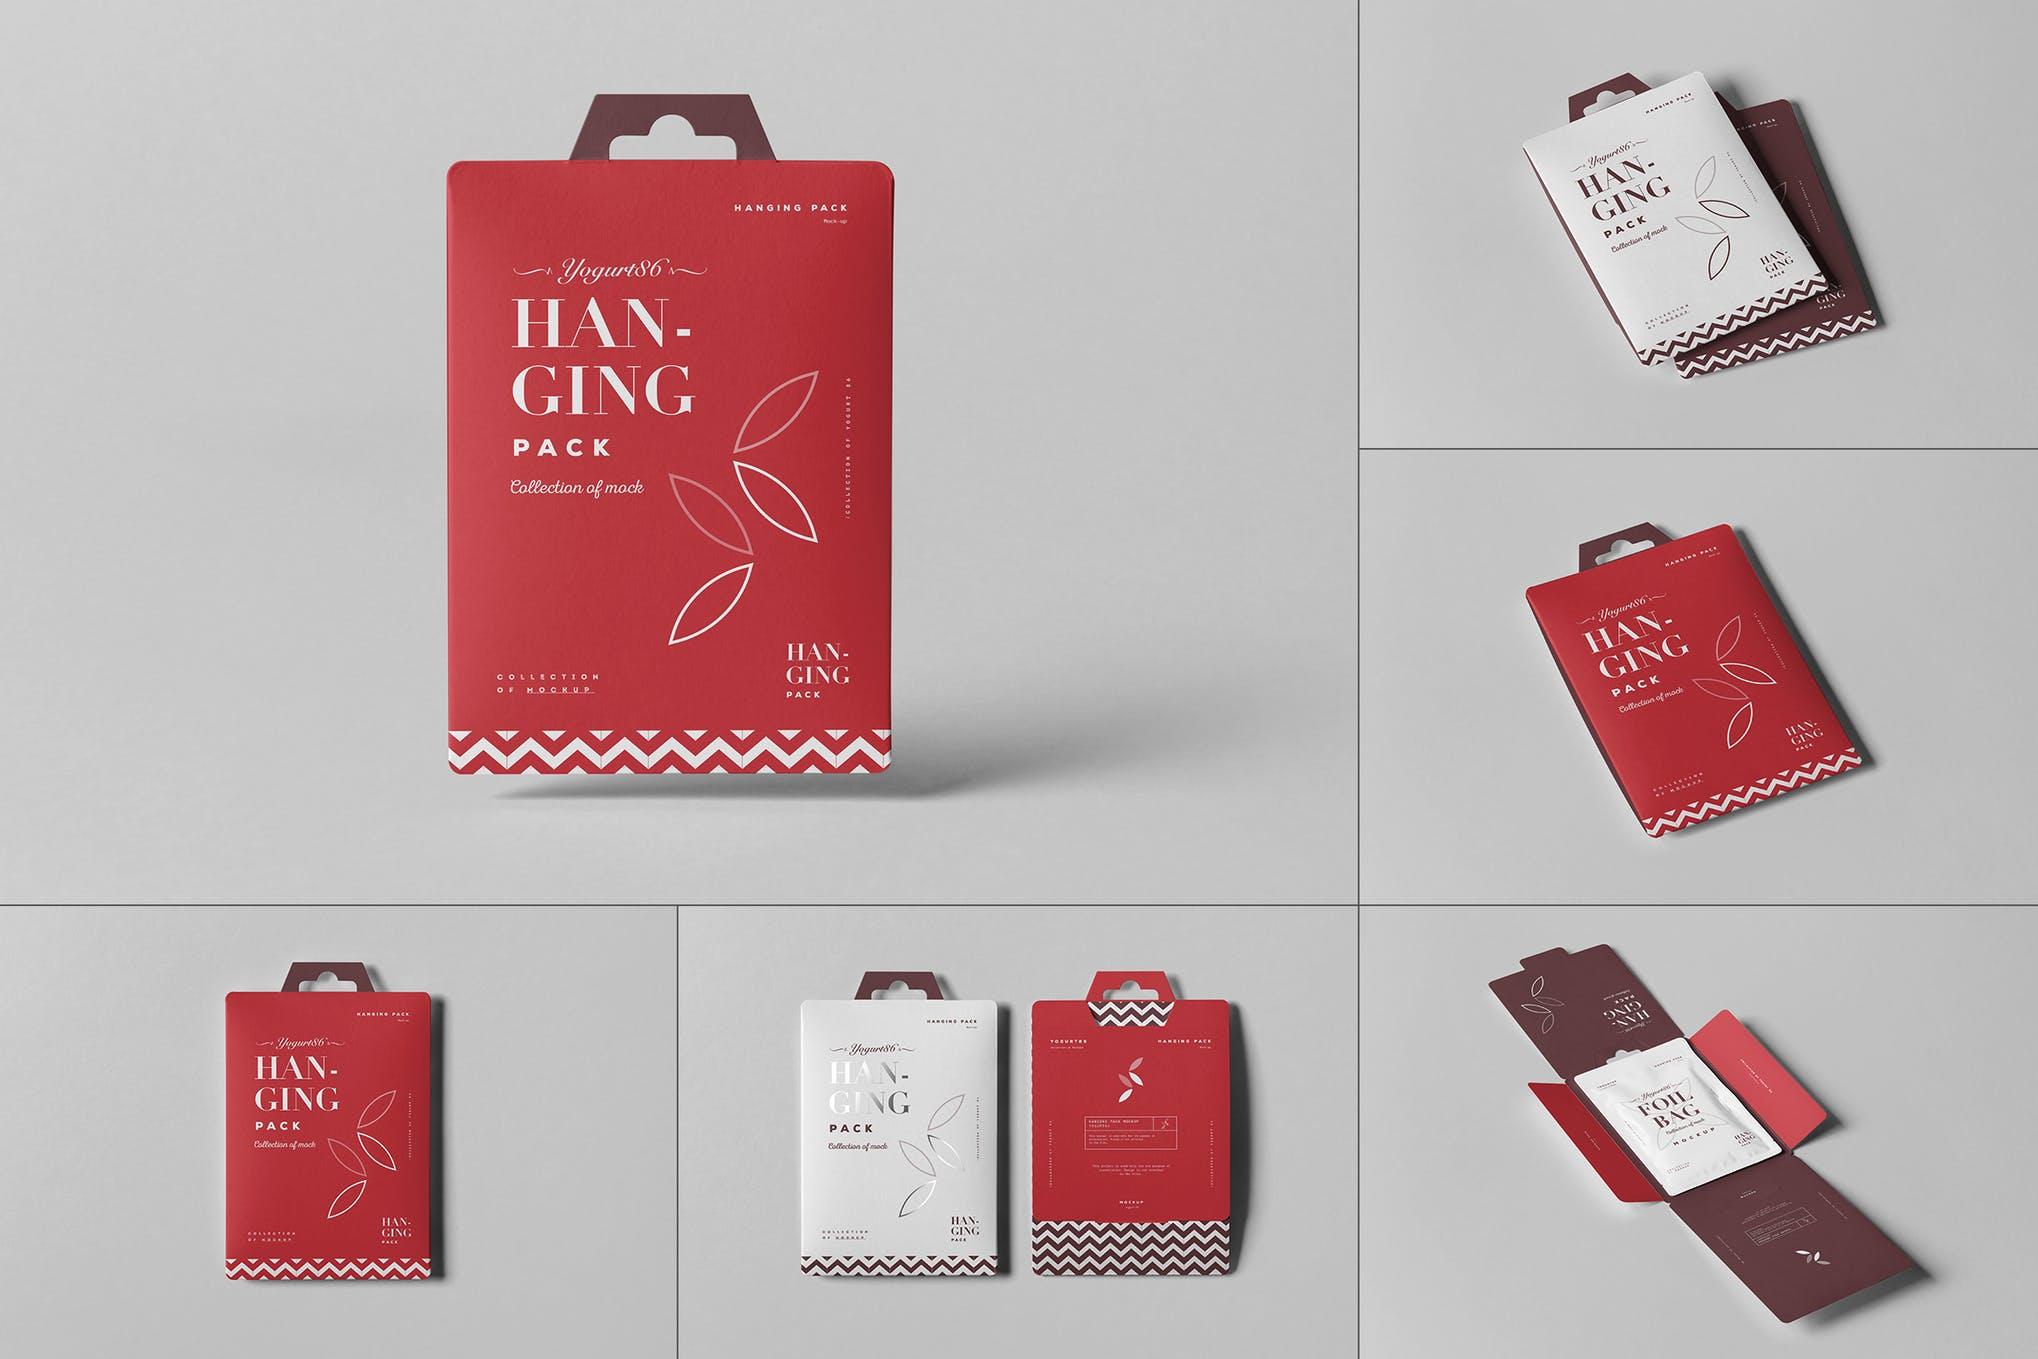 酒店挂牌洗漱用品小包装样机效果图插图(1)